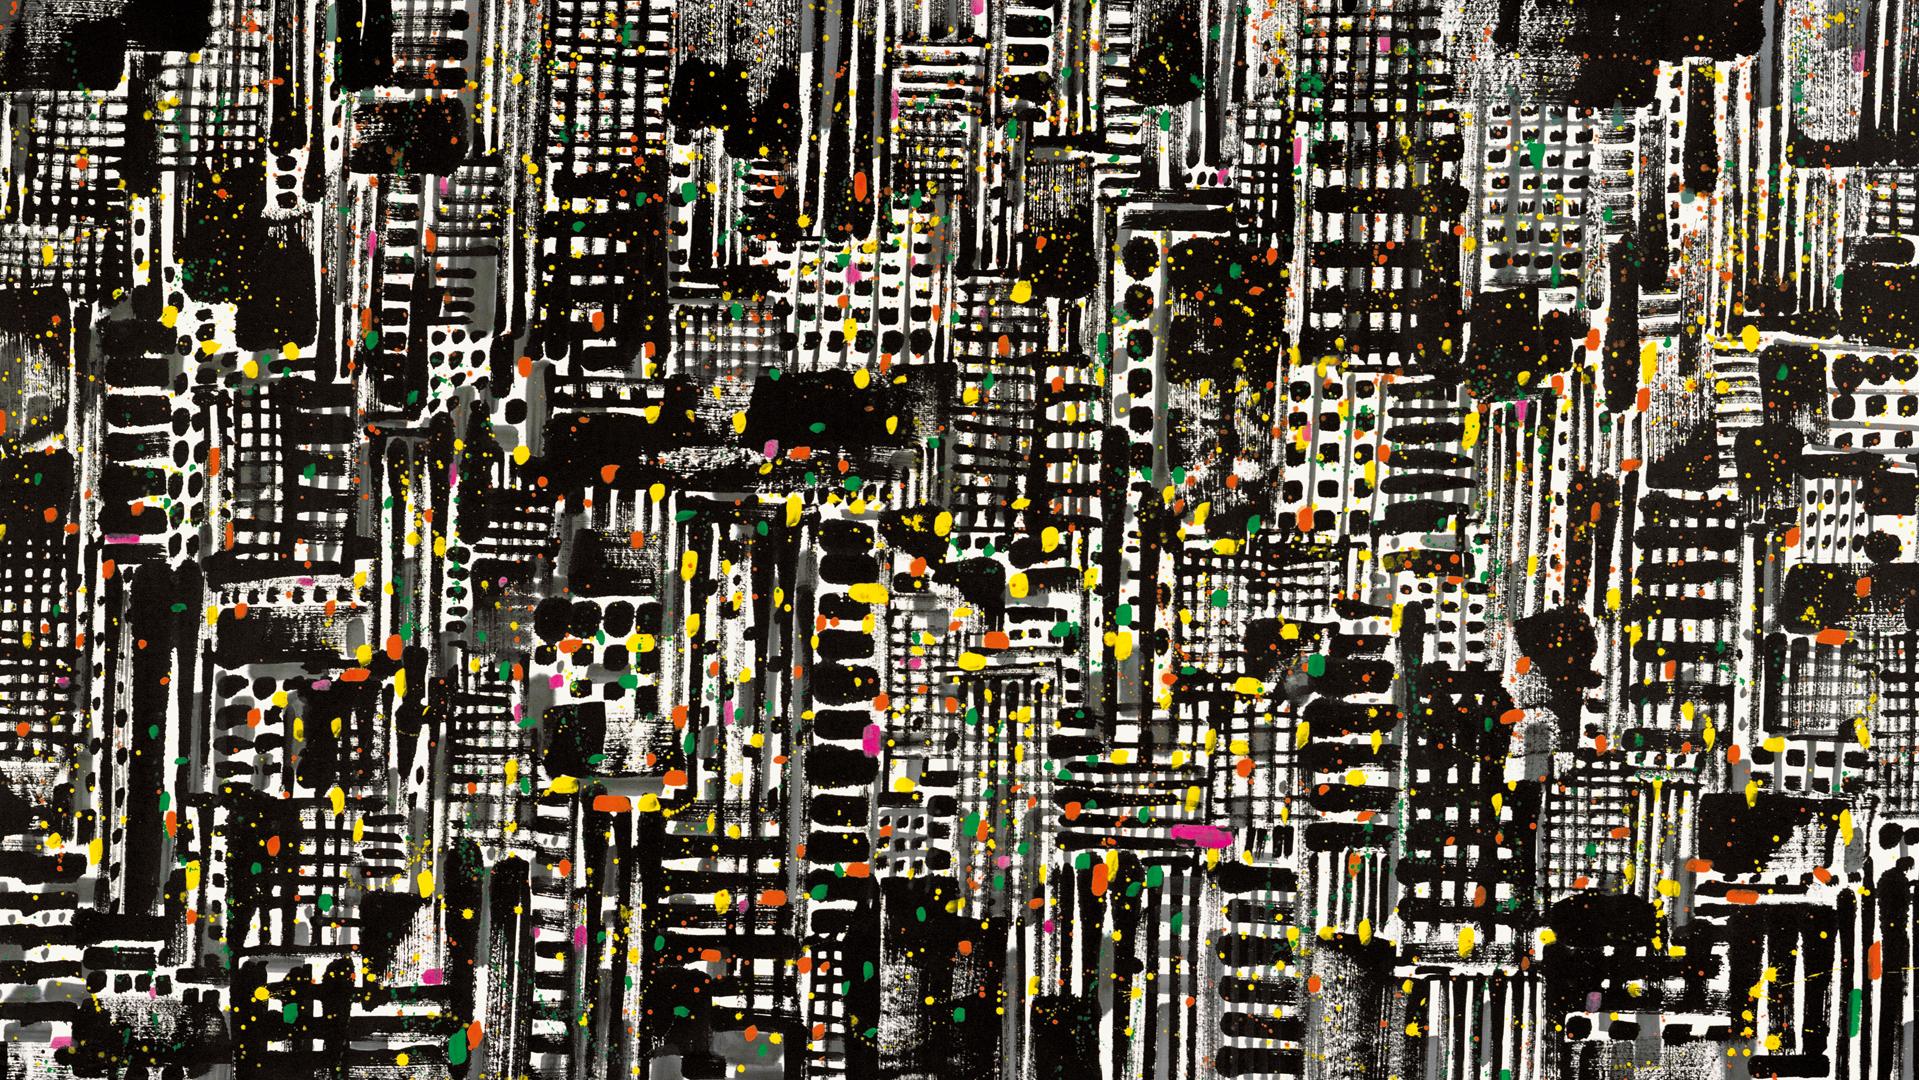 """他师从林风眠,笔名单字""""荼"""";他摇举中国当代水墨之旗大胆革新;晚年的他,单幅画作拍卖价格以亿为单位,却仍选择留在北京郊区的老旧民宅终老……他,吴冠中。  1997年,已近耄耋之年的吴老,受邀用画笔阐述他心中的香港夜景。线条勾勒出天旋地转的海市蜃楼,画面密不透风,透露了吴老所感到的芸芸众生的挣扎苦乐。《都市之夜》,其名由此而来。"""